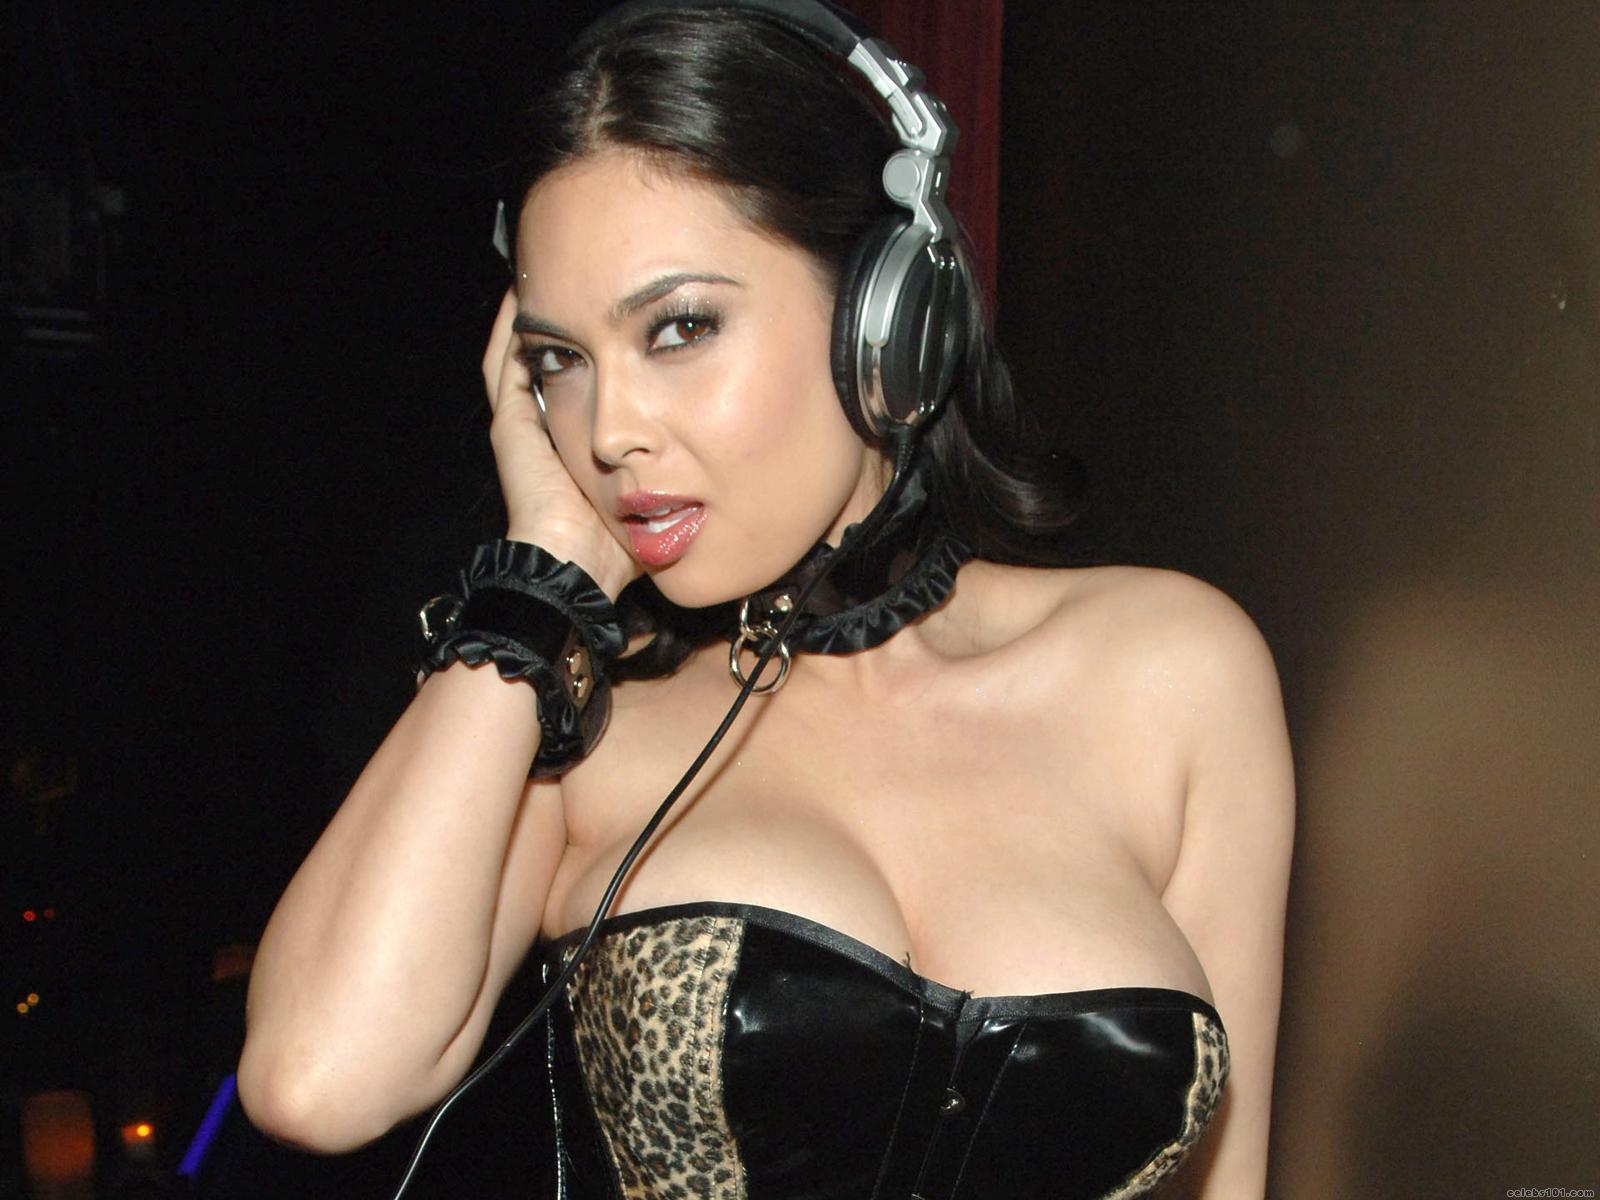 порно сайт.фото ебля в жопу зрелых женщин